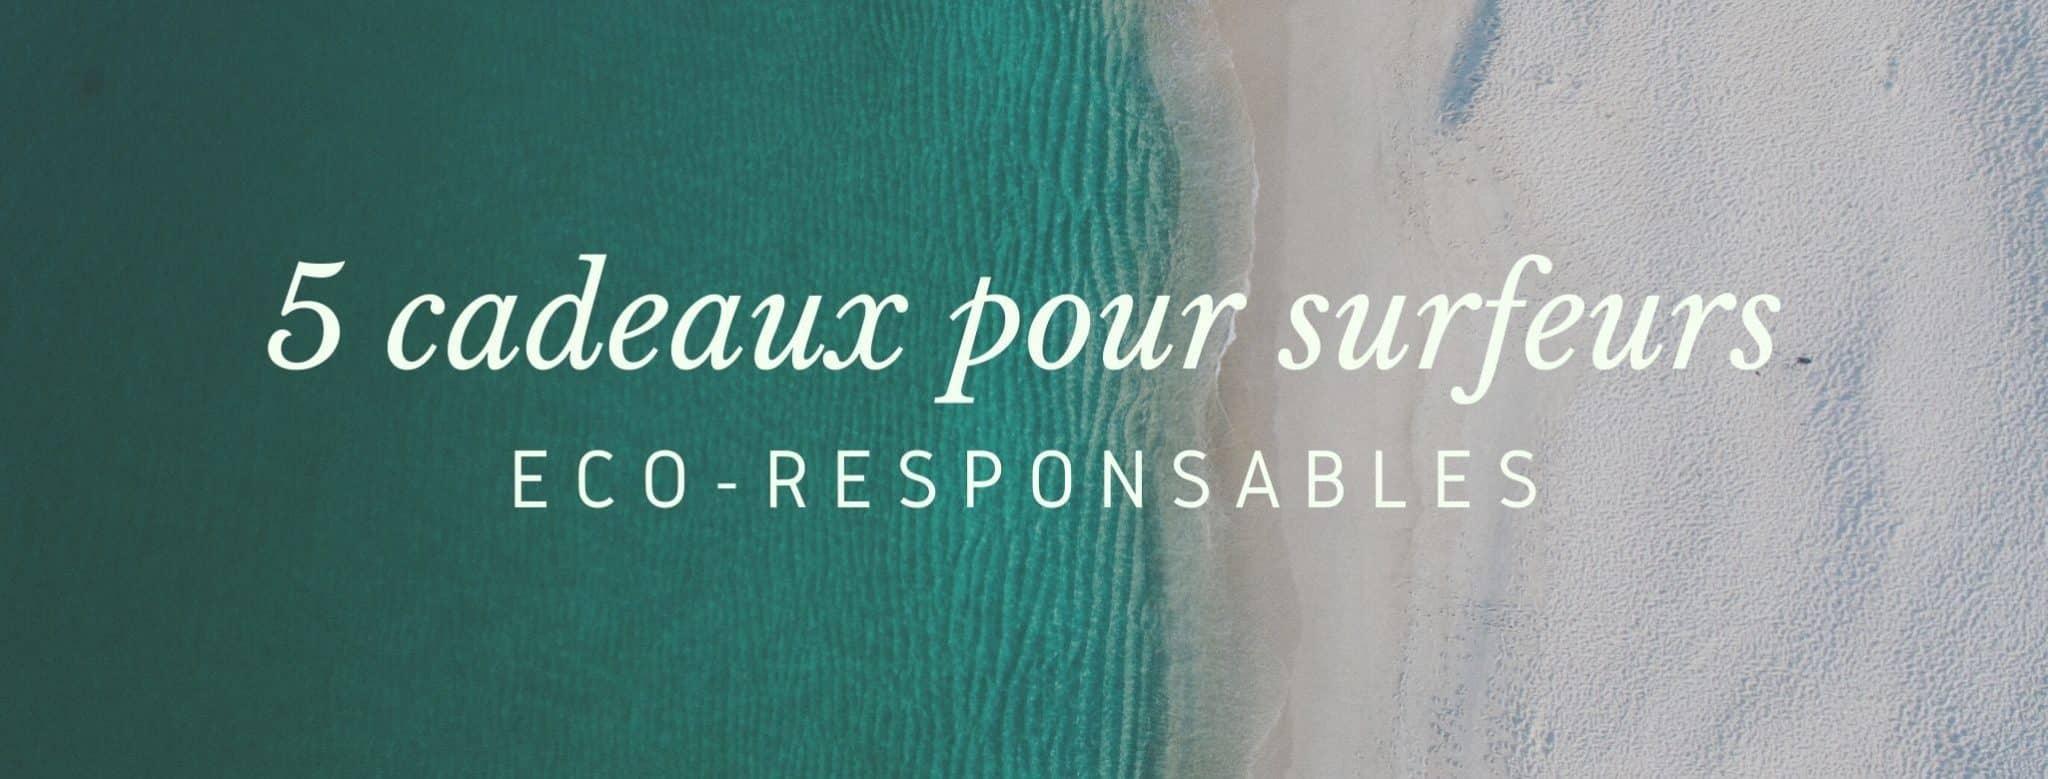 idée cadeau surfeur eco-responsables